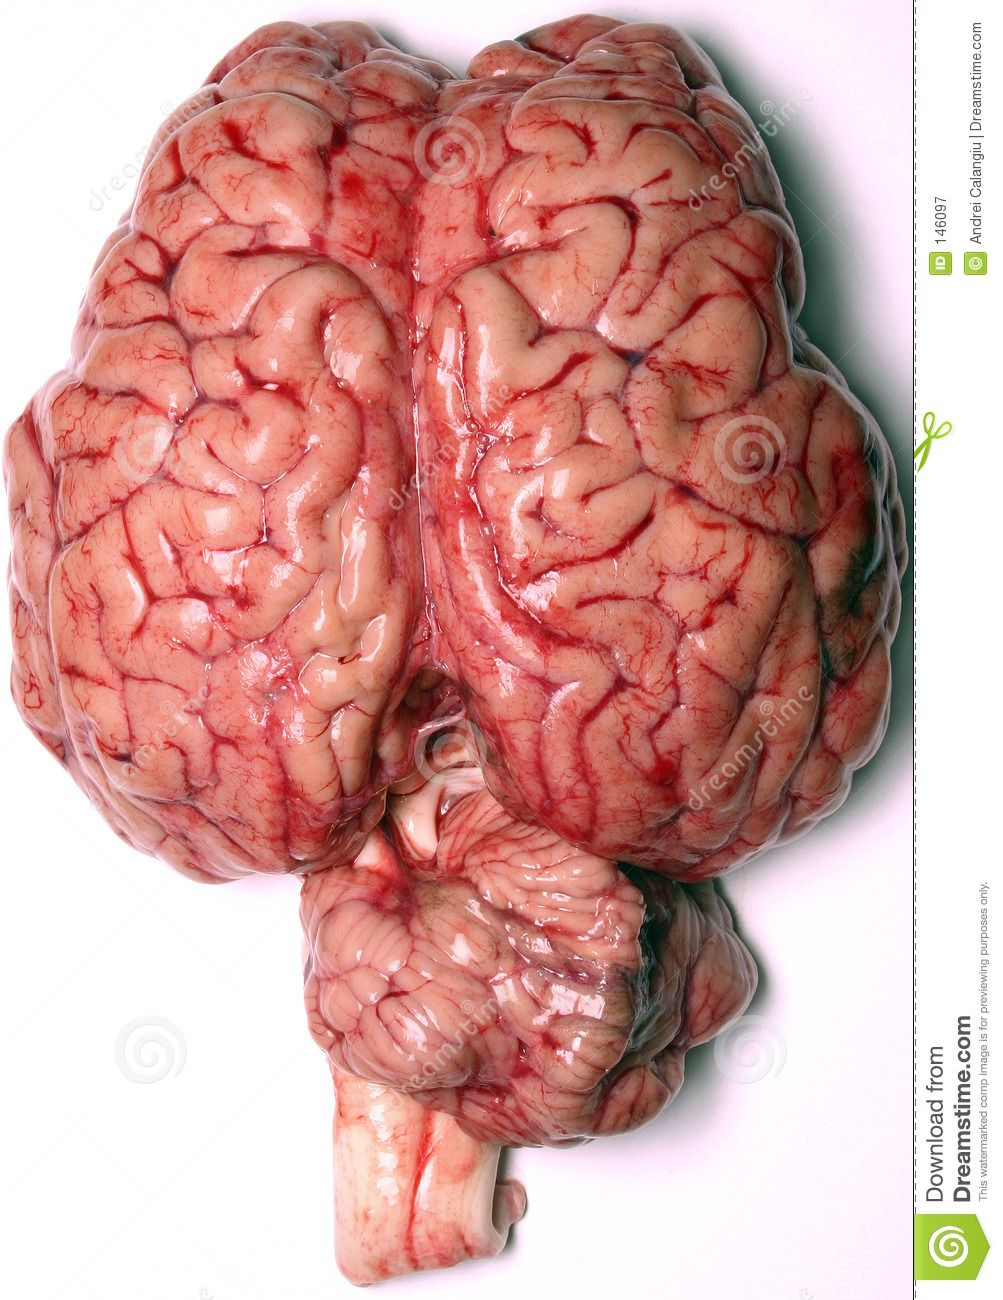 Increíble atlas del cerebro real que muestran qué genes se activan en cada micro-región y cómo todo está conectado.  Os dejamos un video muy interesante: http://www.experientiadocet.com/2012/02/allan-jones-un-mapa-del-encefalo.html